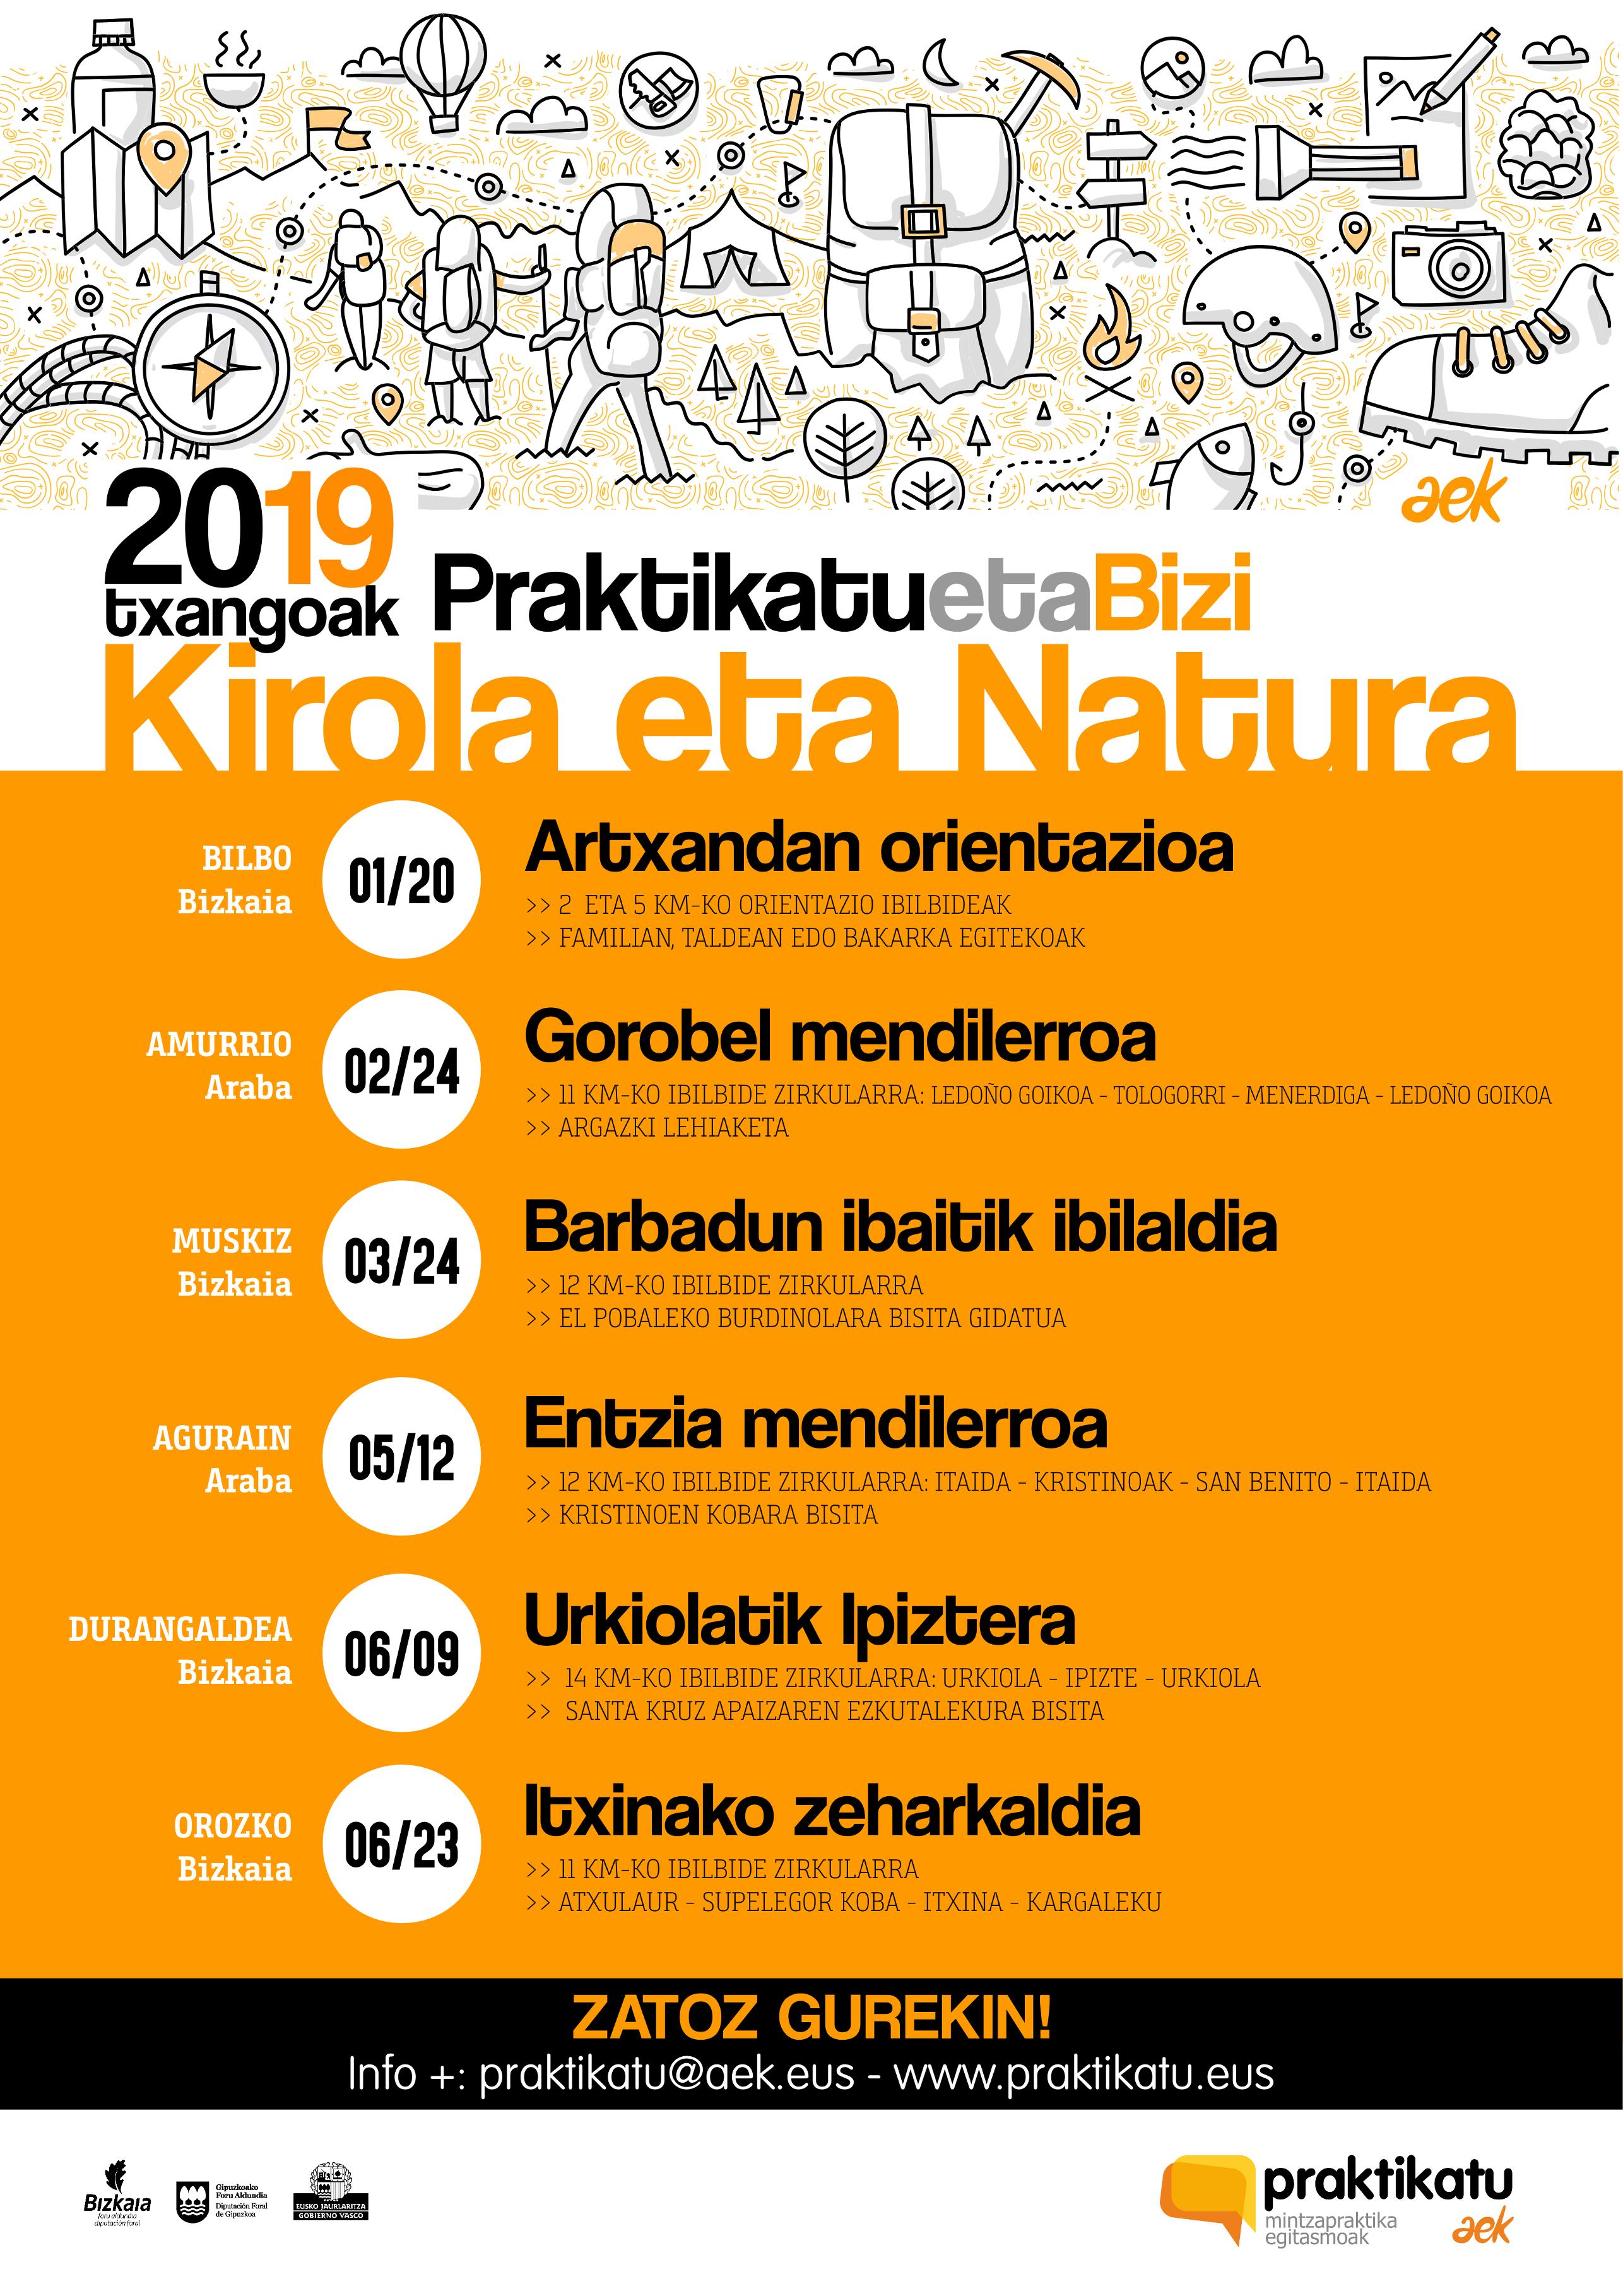 KIROLA eta NATURA programa. 2019ko txangoak